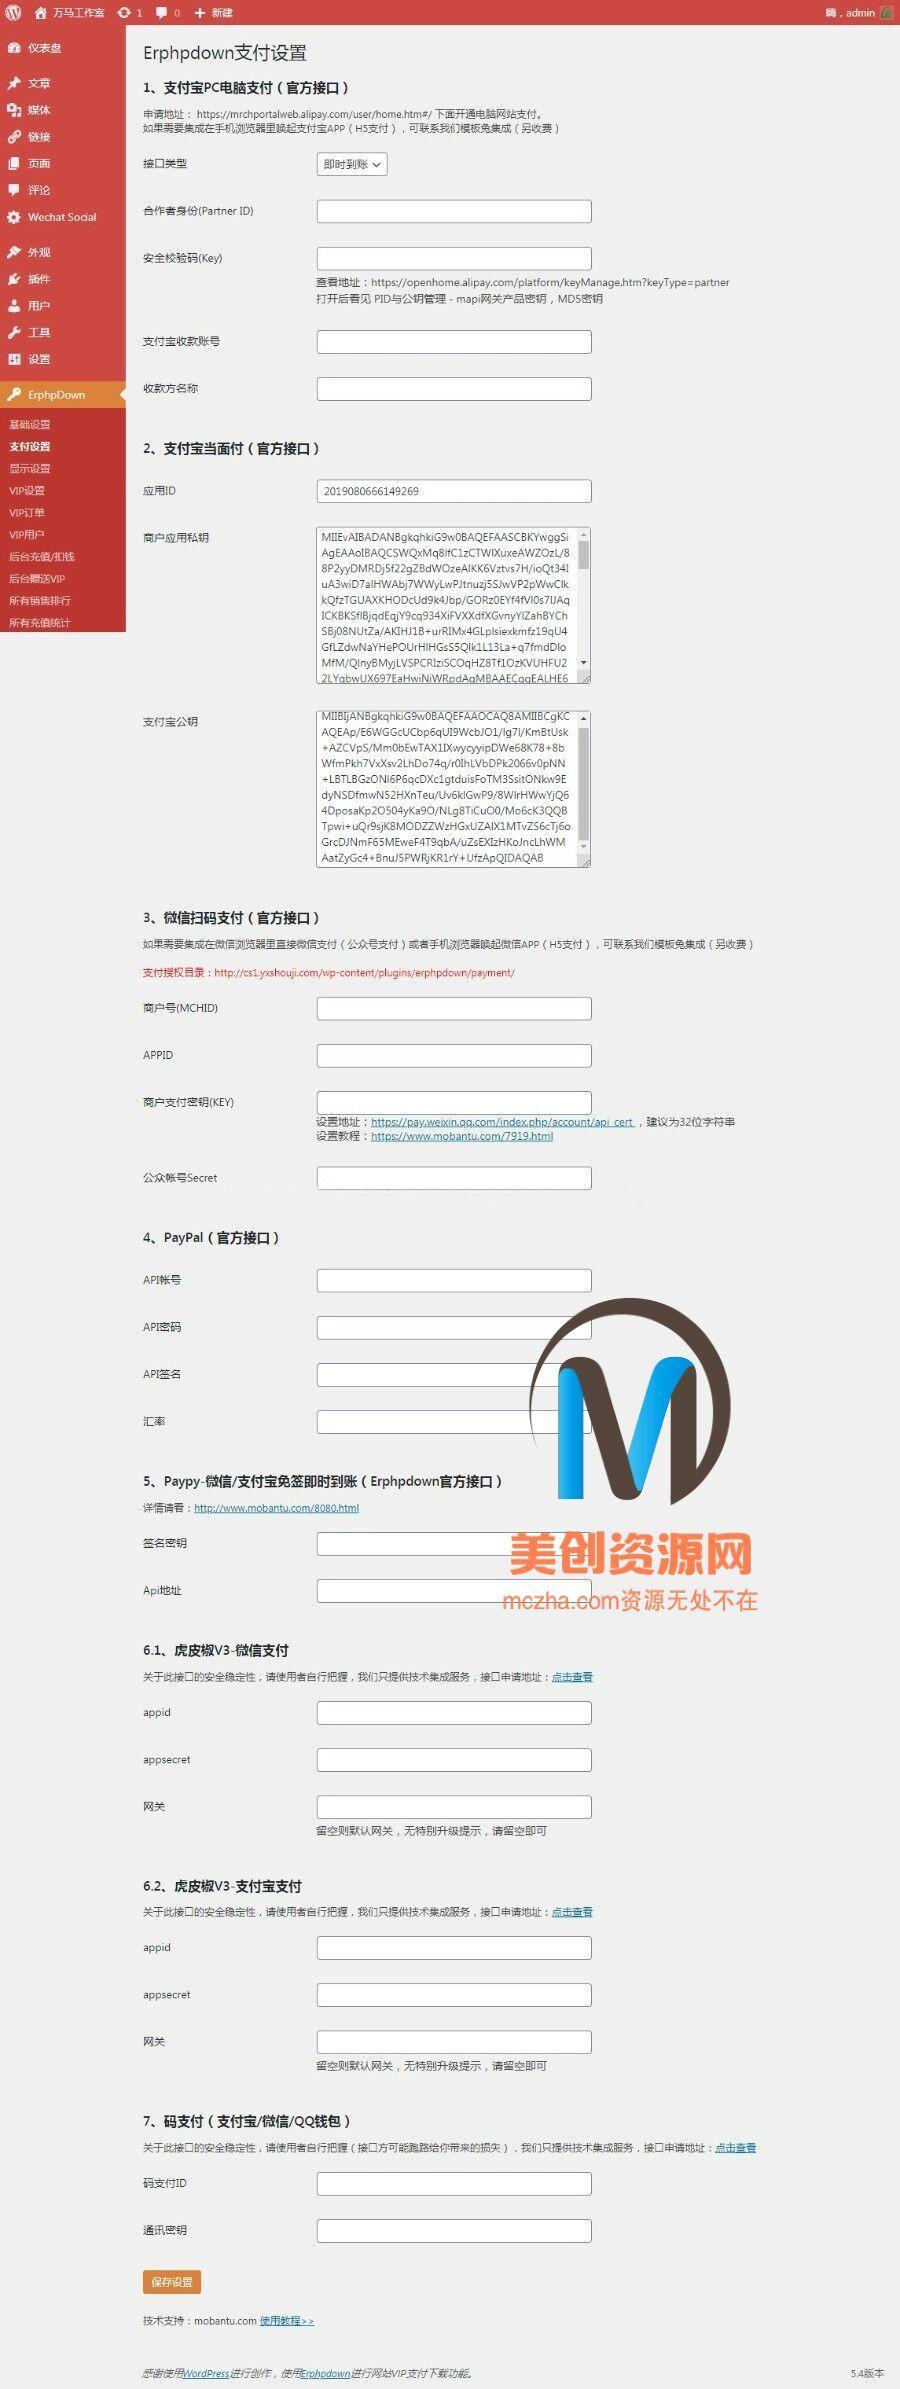 一款好用的WordPress资源站源码、支持免登录付费下载、会员下载、资源站源码、源码站源码-美创资源网